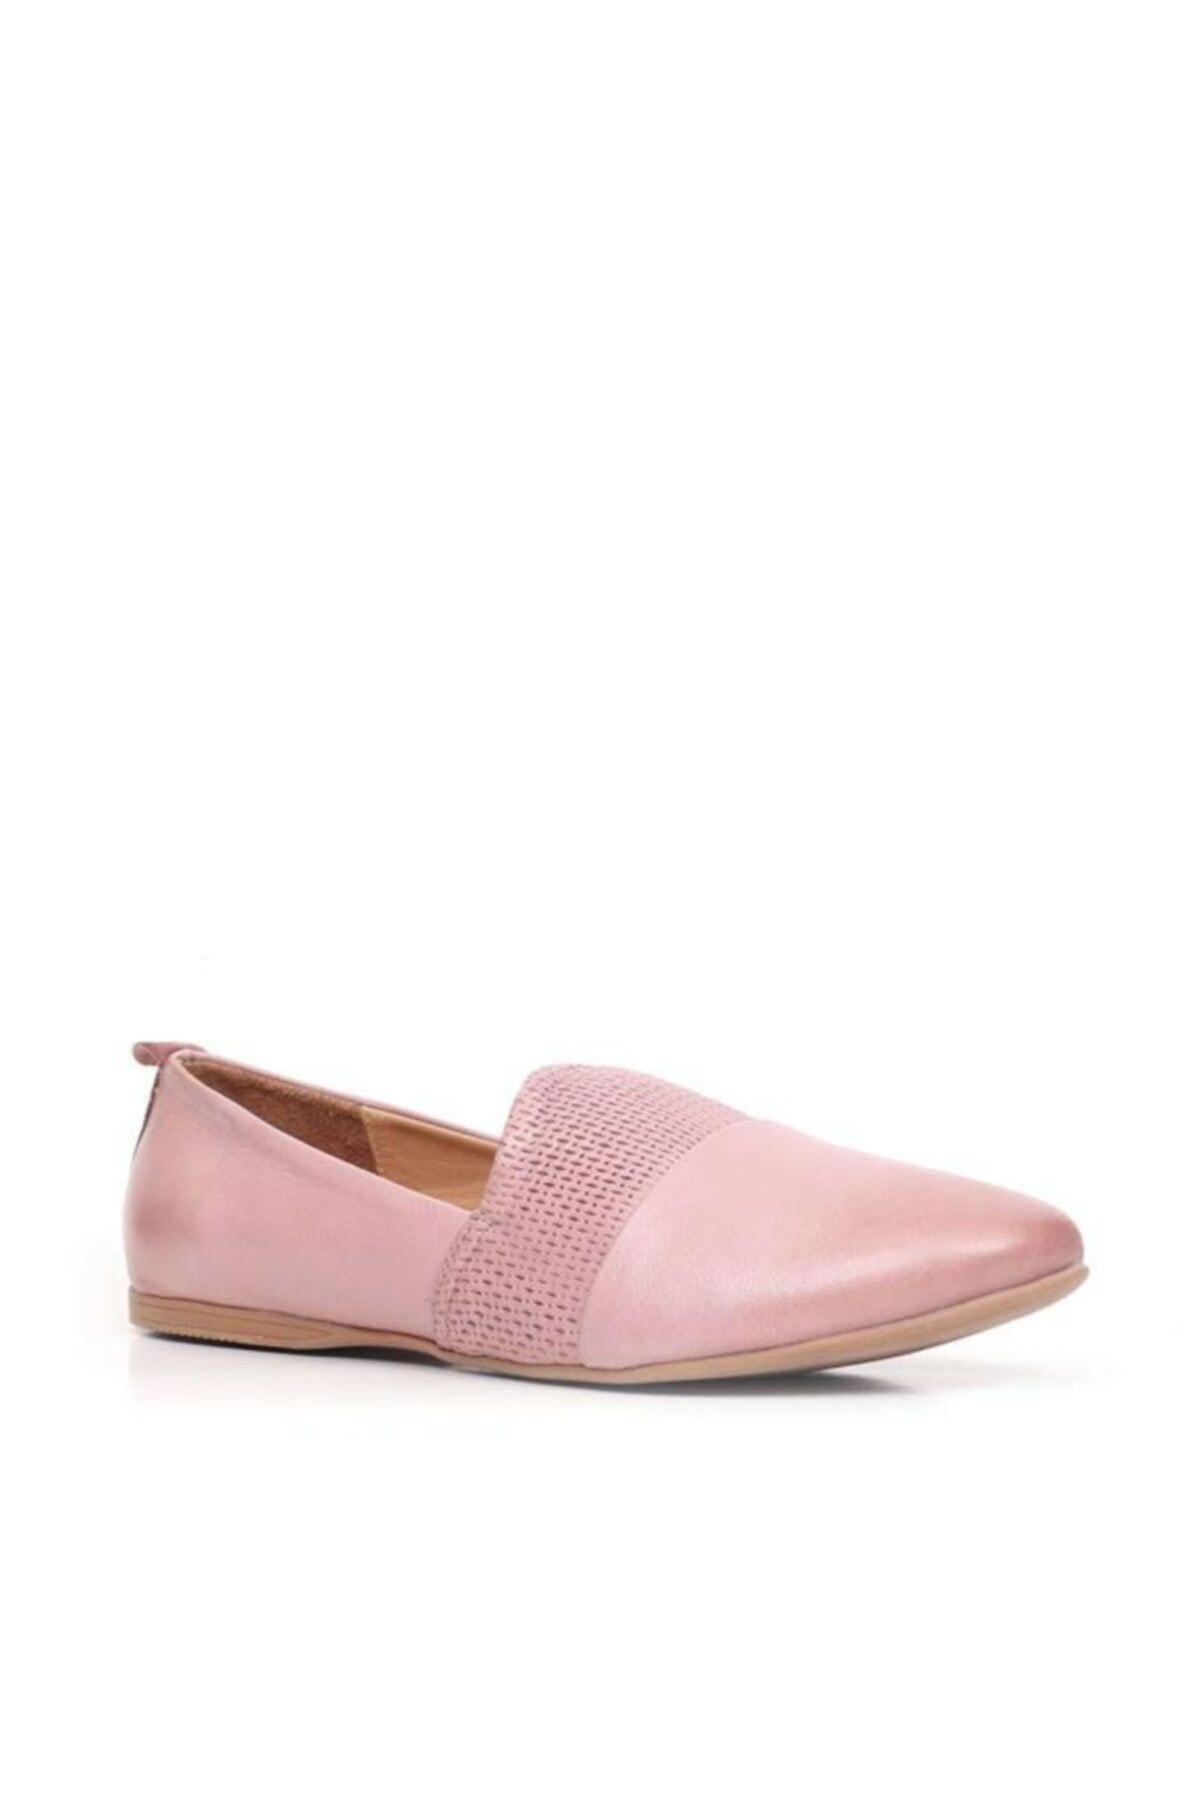 BUENO Shoes Önden Desenli Hakiki Deri Kadın Babet 9n0700 2